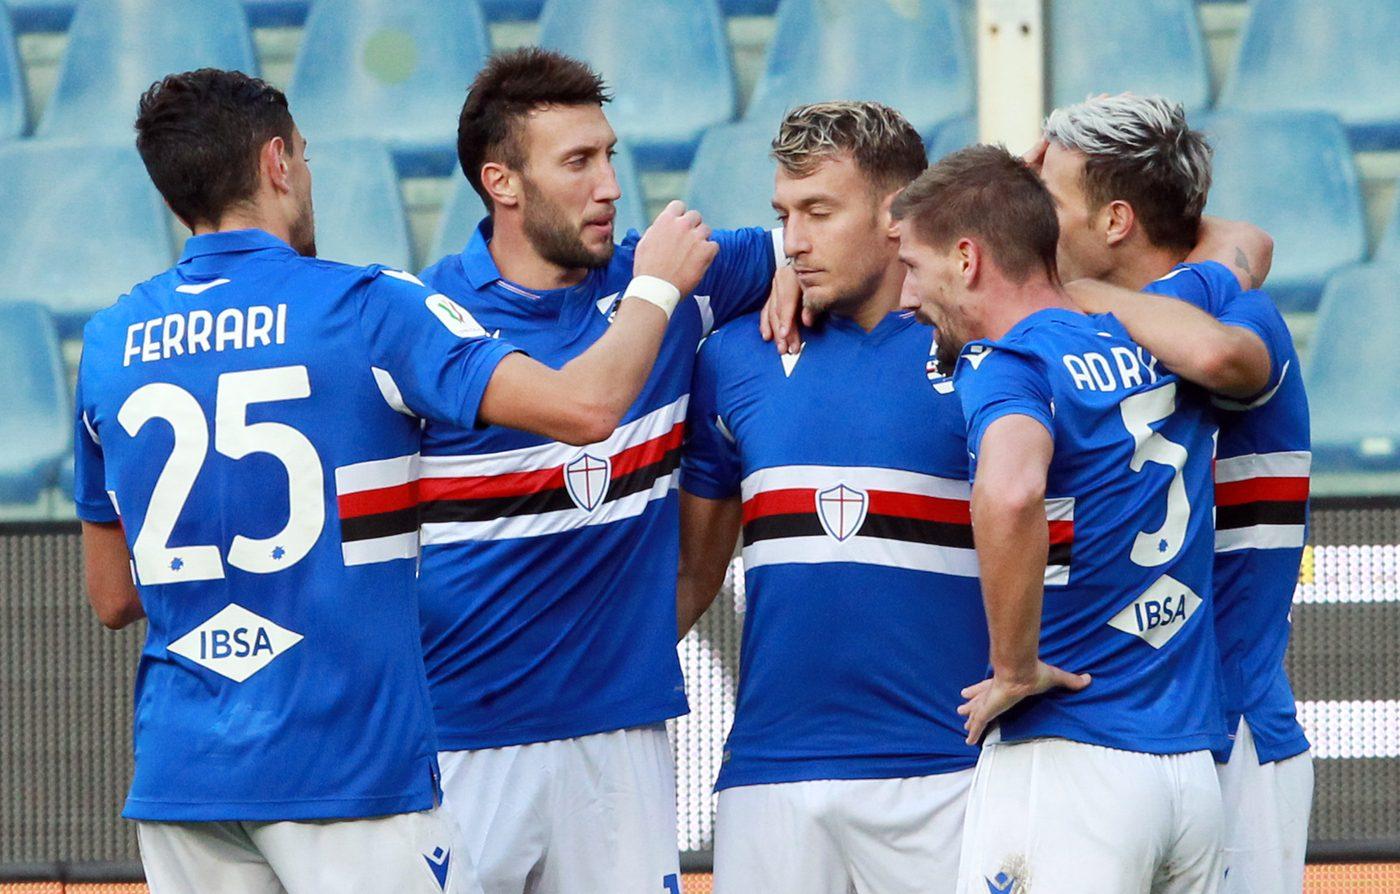 Coppa Italia, tabellone e risultati terzo turno: Sampdoria batte Salernitana 1-0